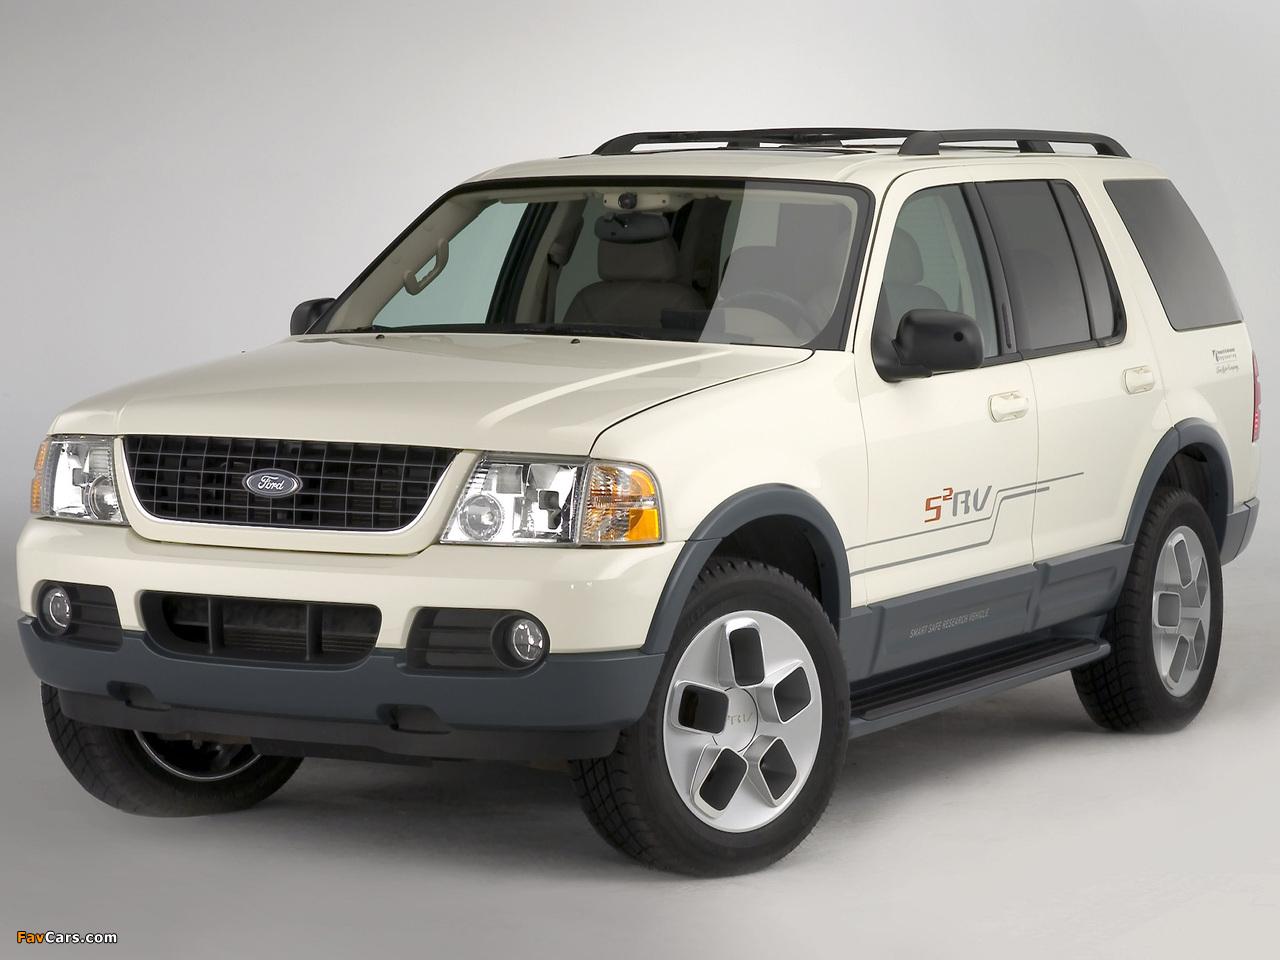 Ford Explorer S2RV Concept 2003 photos (1280 x 960)